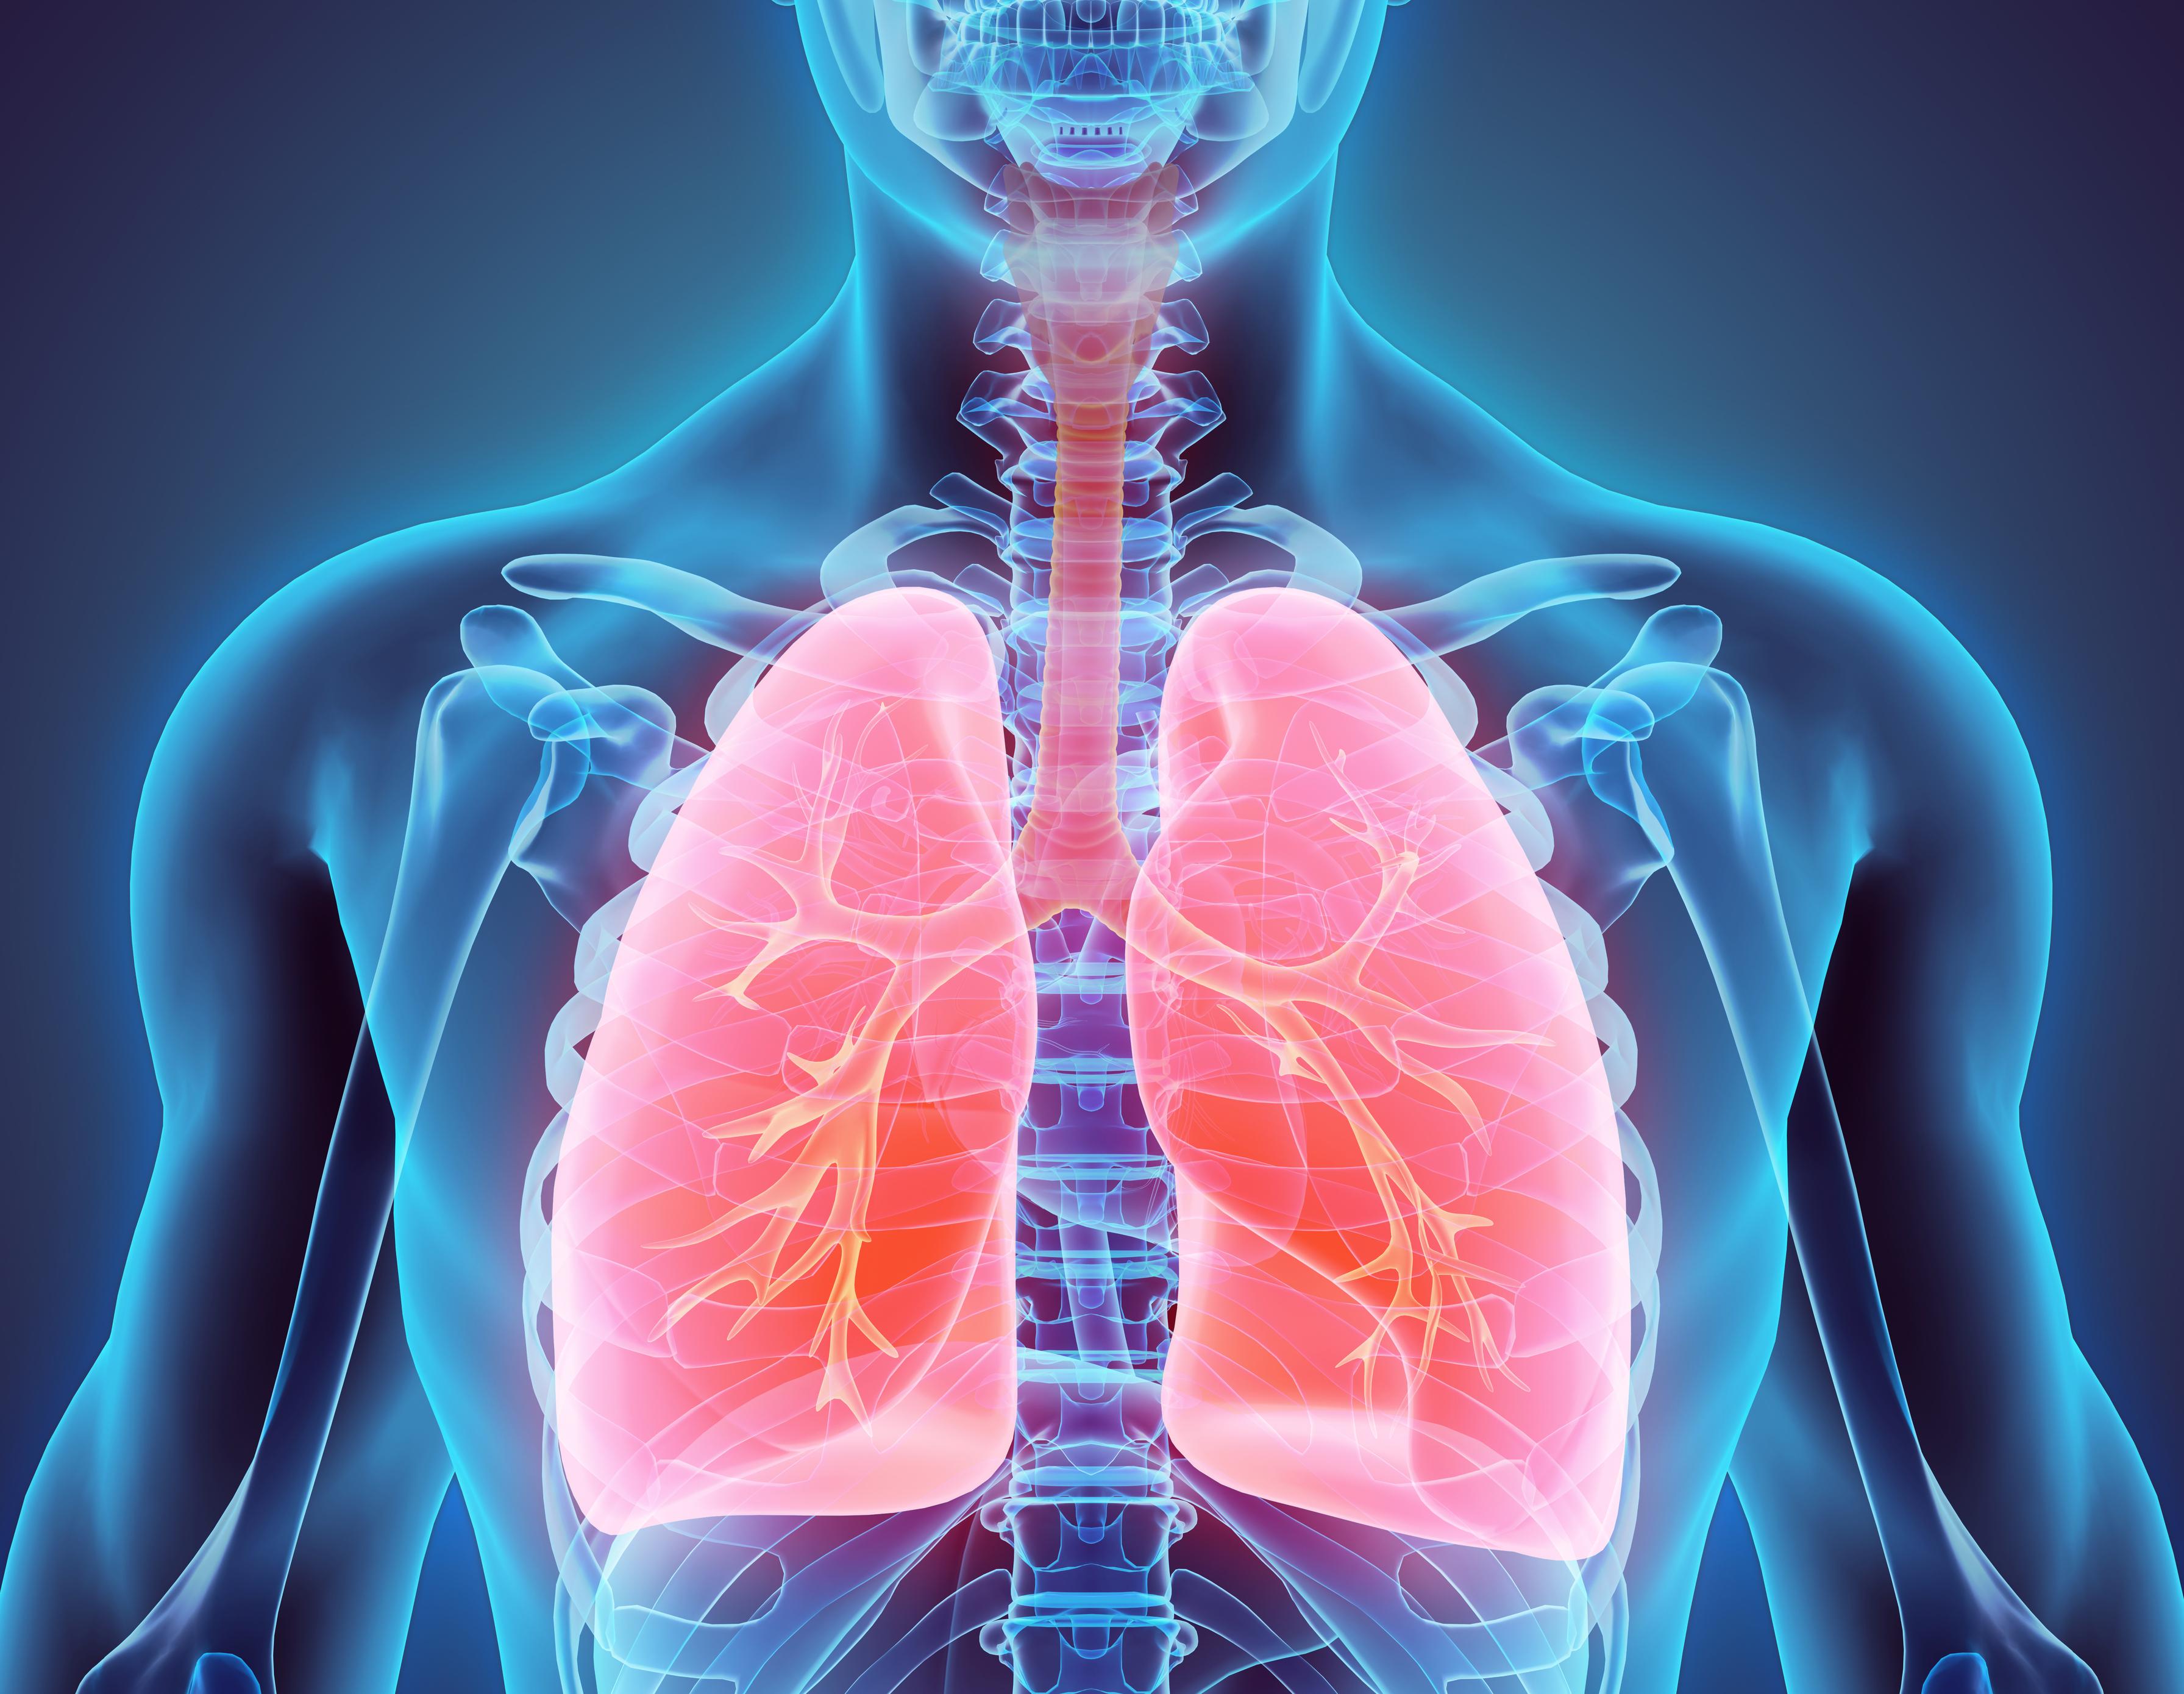 Poumon enflamés représentant l'asthme chez le patient